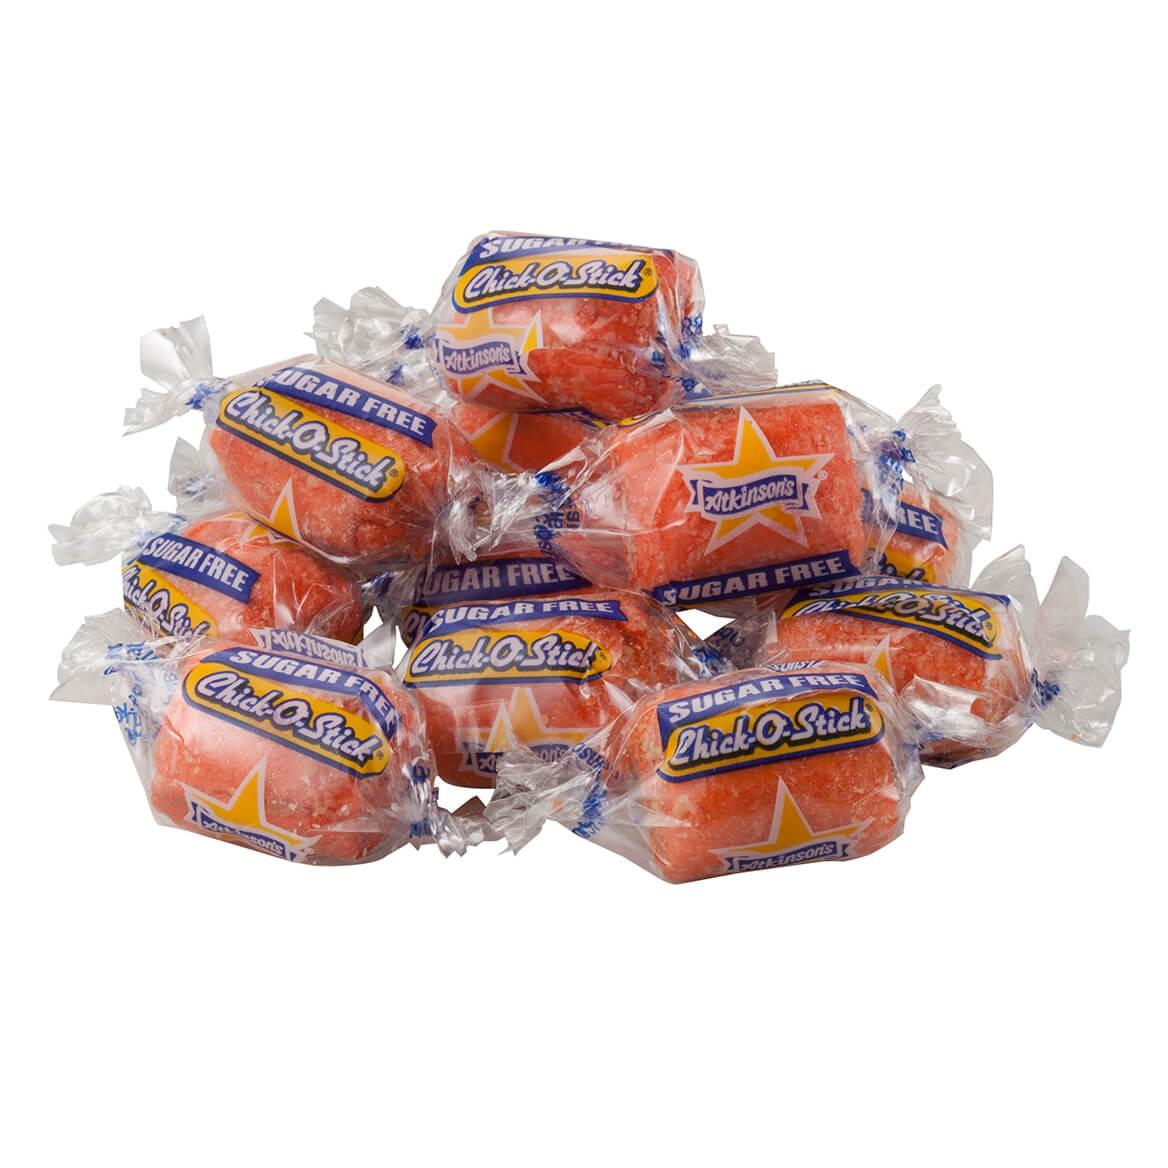 Sugar-Free Chick-O-Sticks, 3.75 oz.-361389